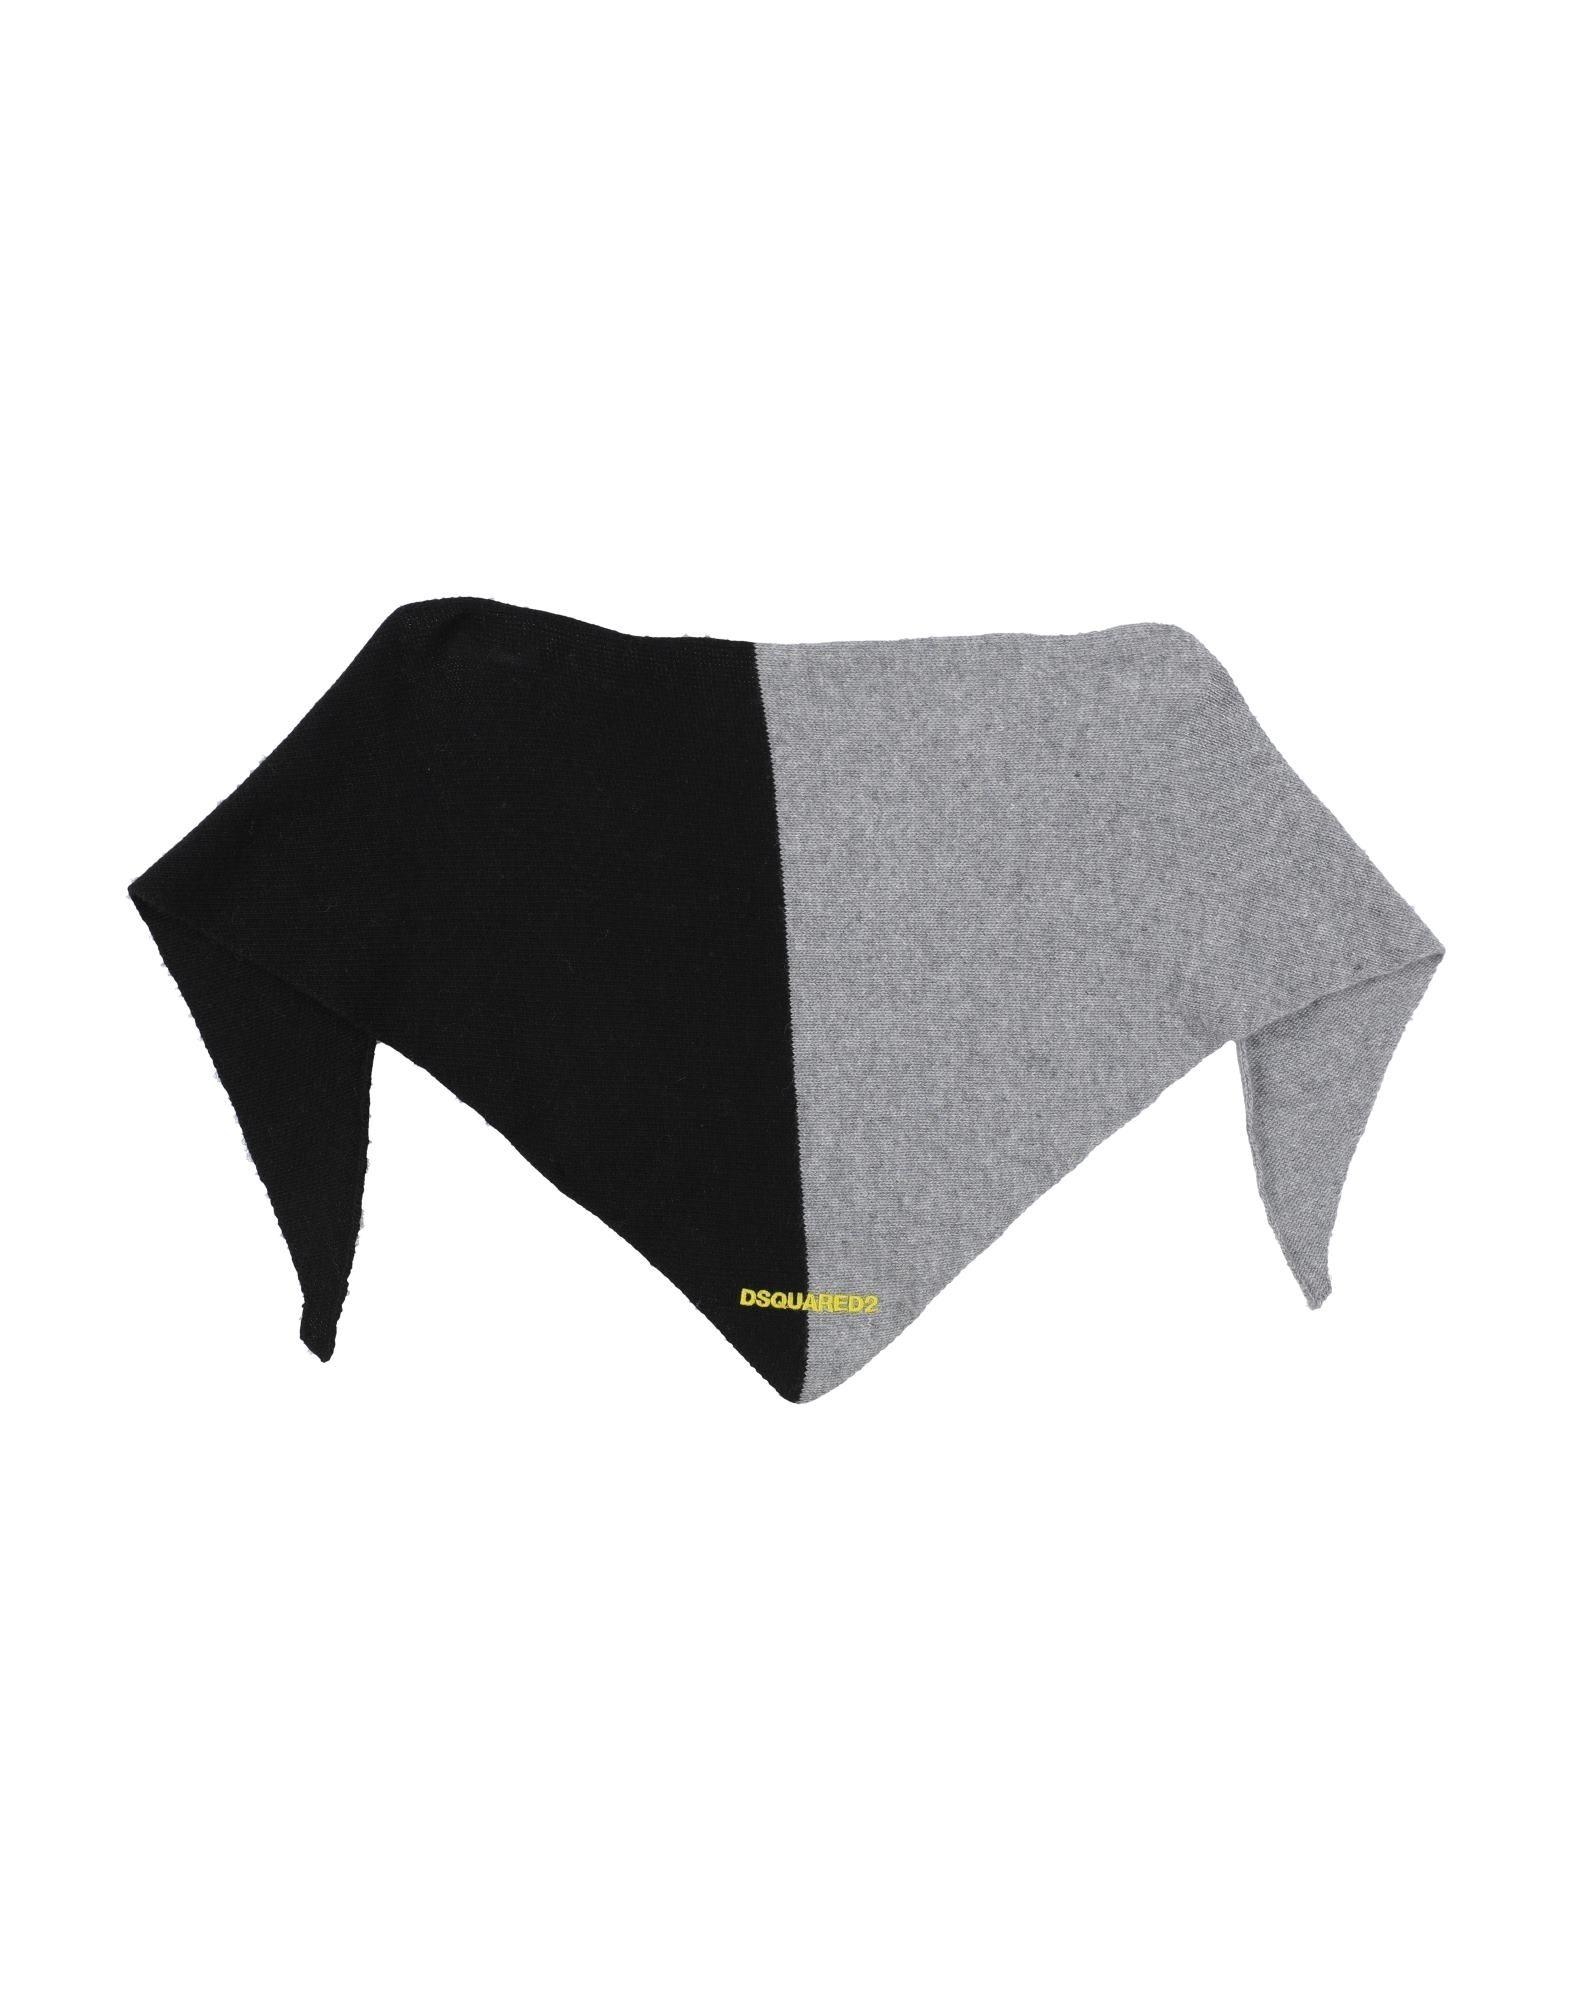 DSQUARED2 Шаль павловопосадская шерстяная шаль с шелковой бахромой волшебный узор 148х148 см